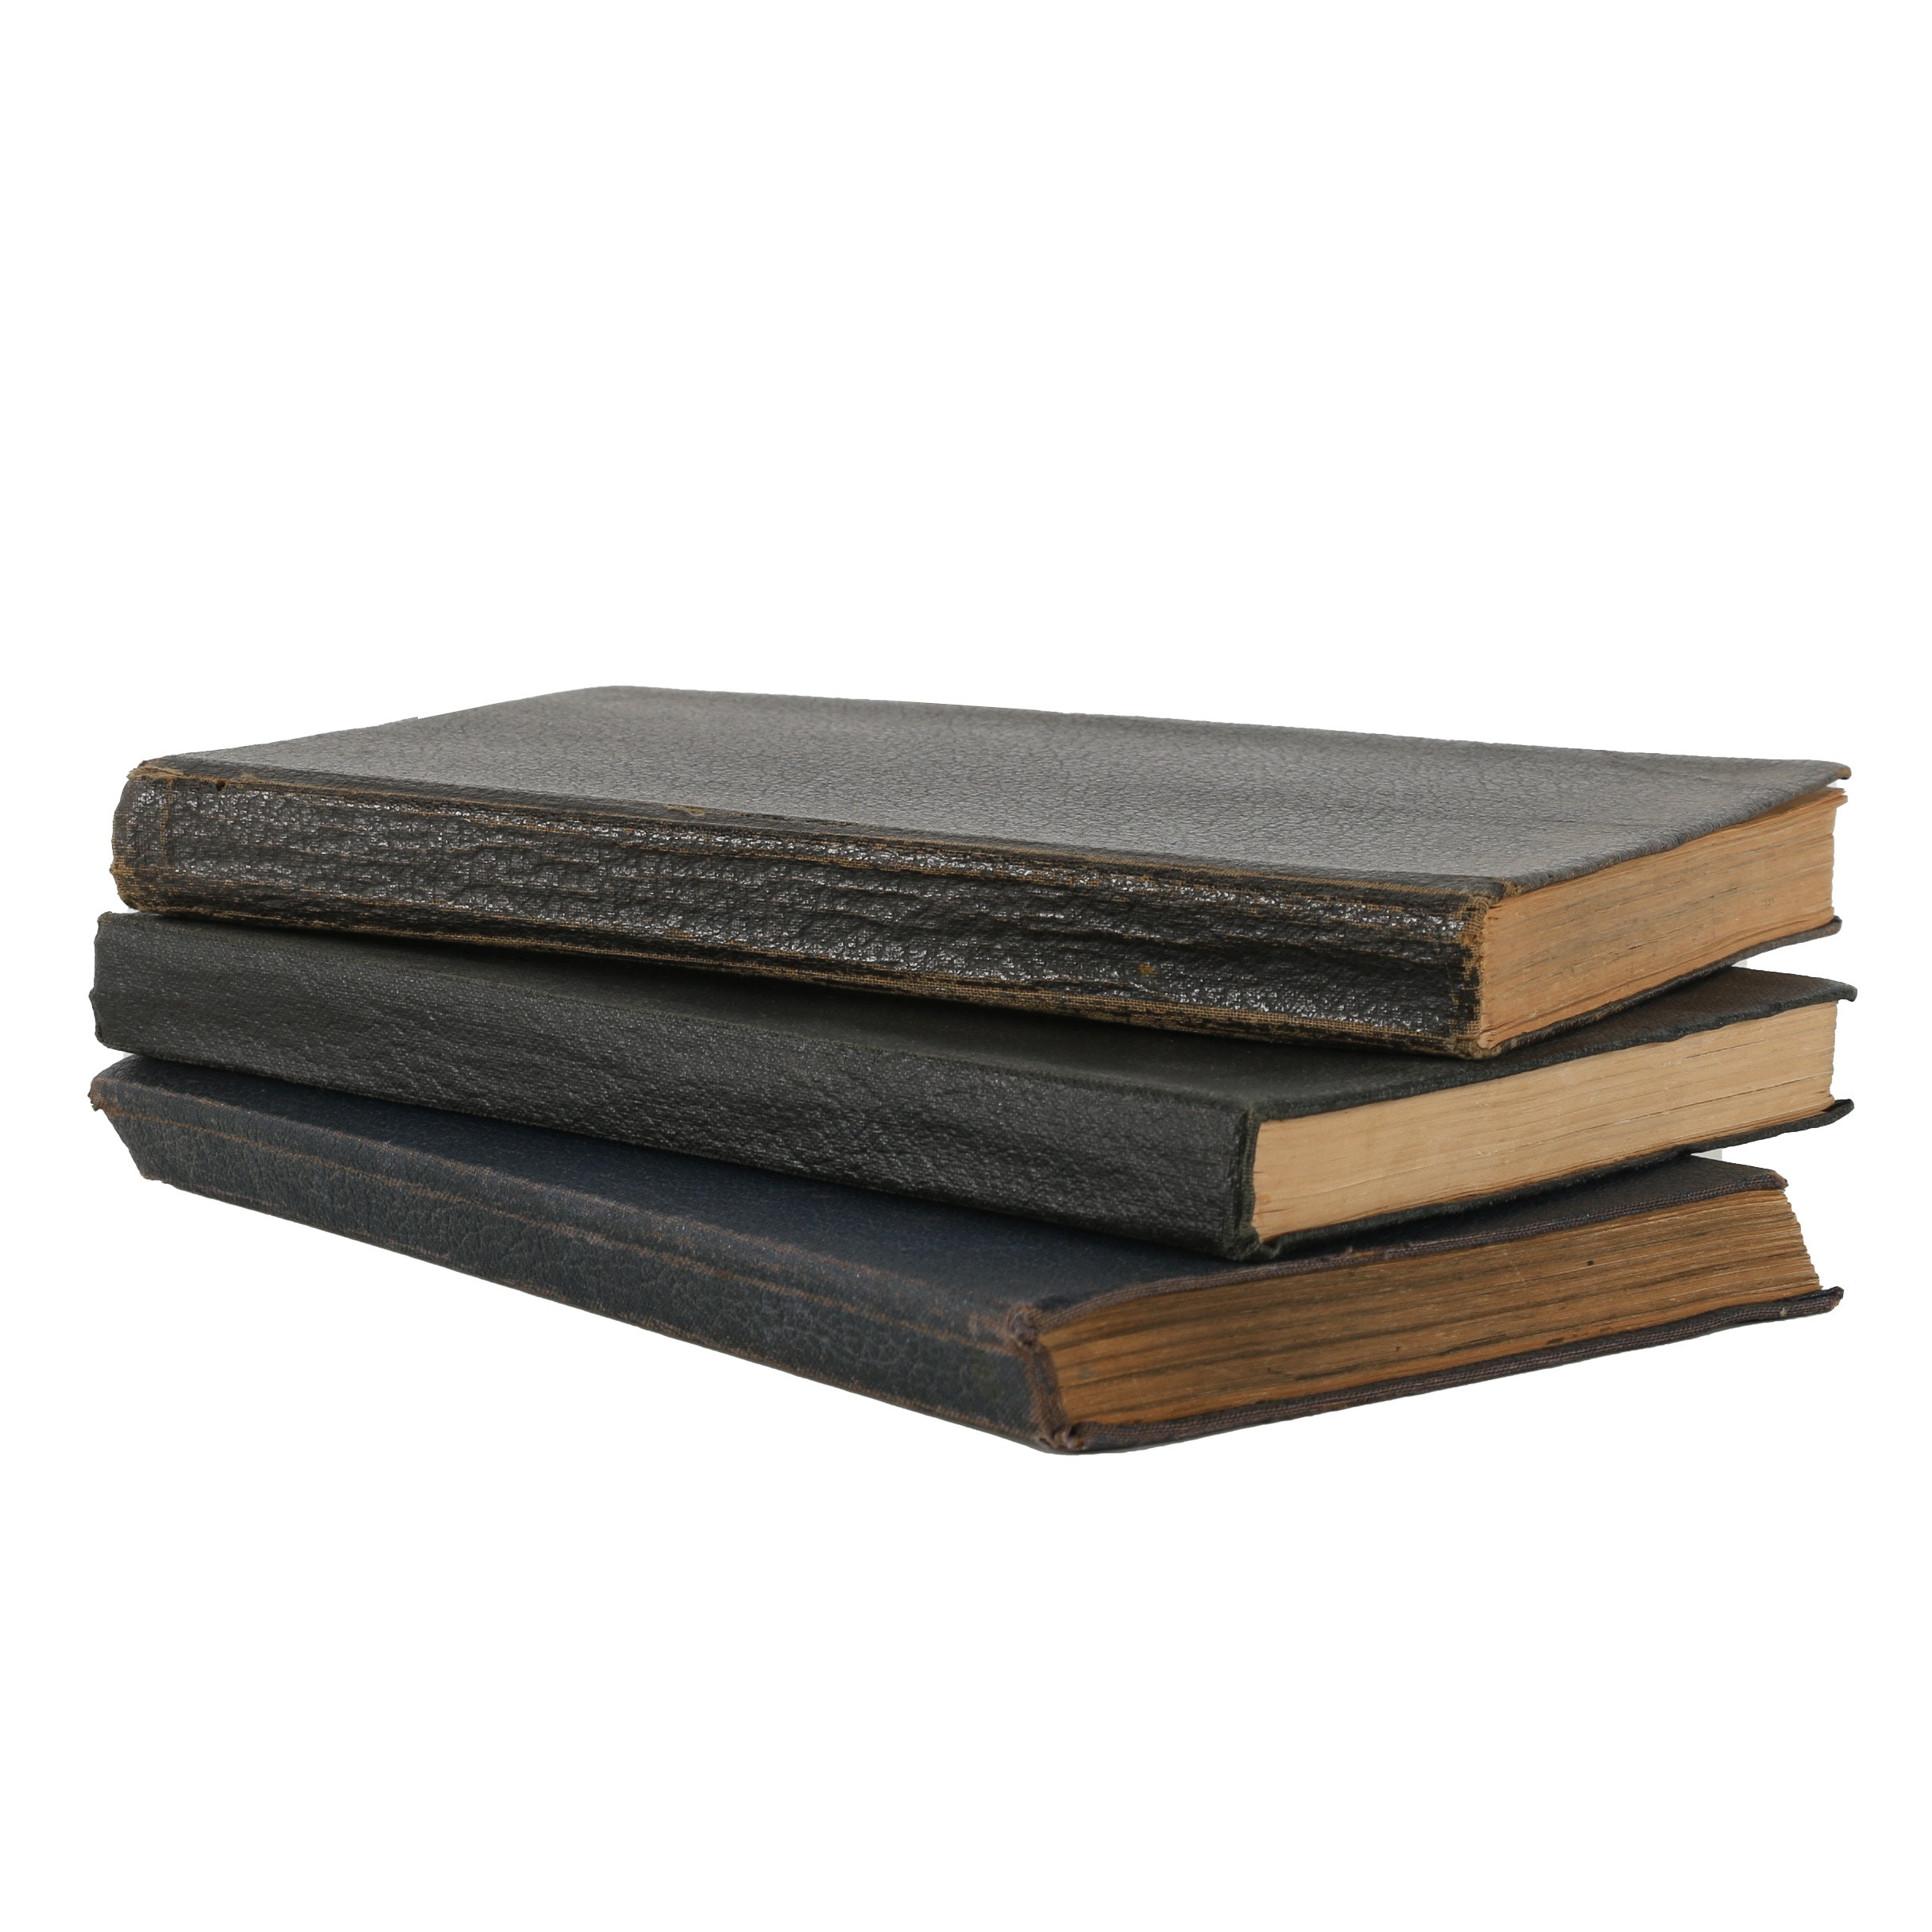 Florence Bartley Smithburn Sketchbooks